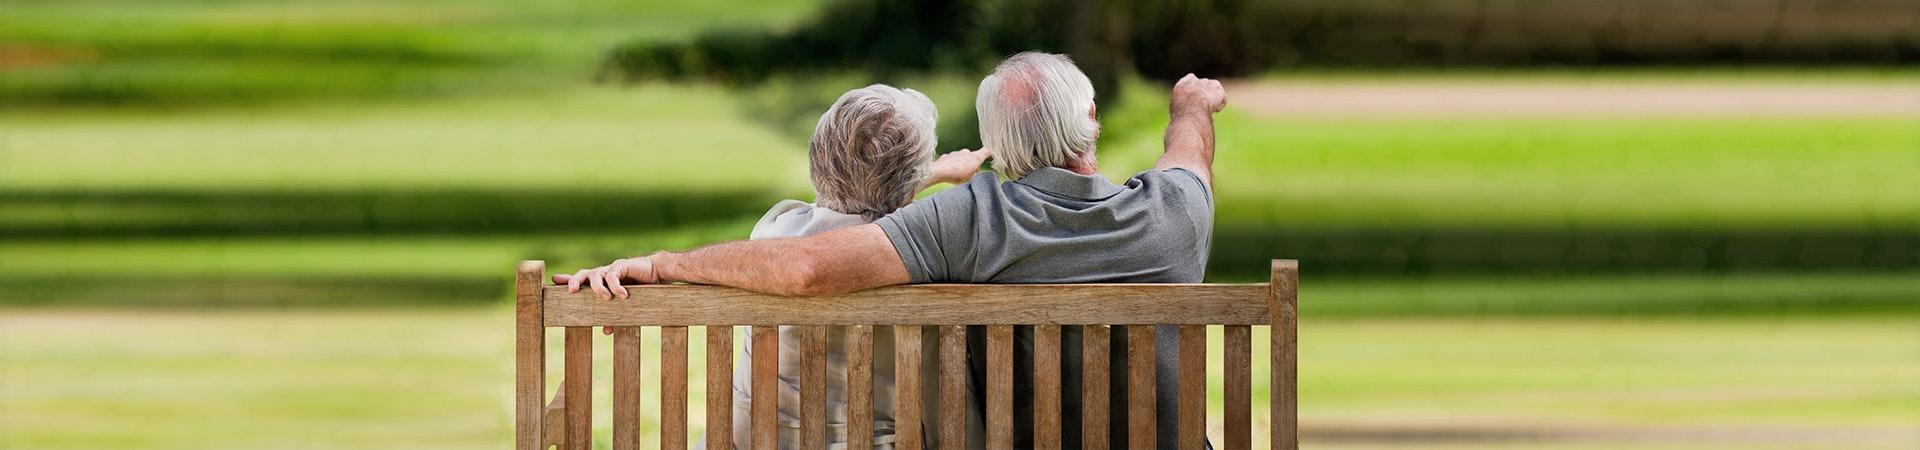 Private Altersvorsorge Vergleich